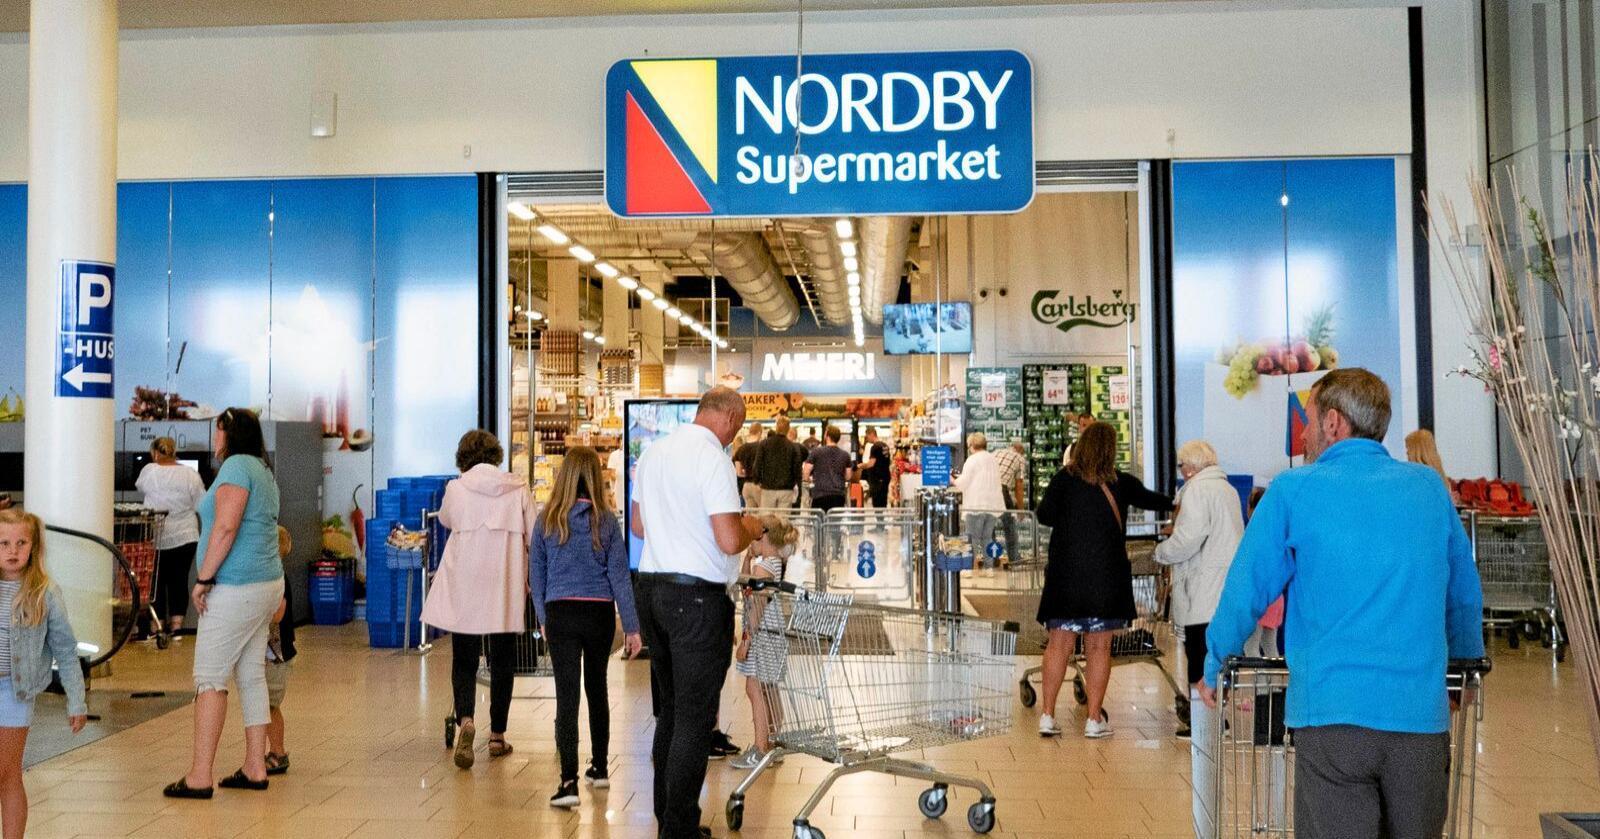 Nordmenn handler stadig mer i Sverige. Innen de neste ti årene kan grensehandelen ha doblet seg, fra 17,6 milliarder kroner i fjor til 30 milliarder i 2030. Her fra Nordby Supermarket i Sverige. Illustrasjonsfoto: Geir Olsen / NTB scanpix